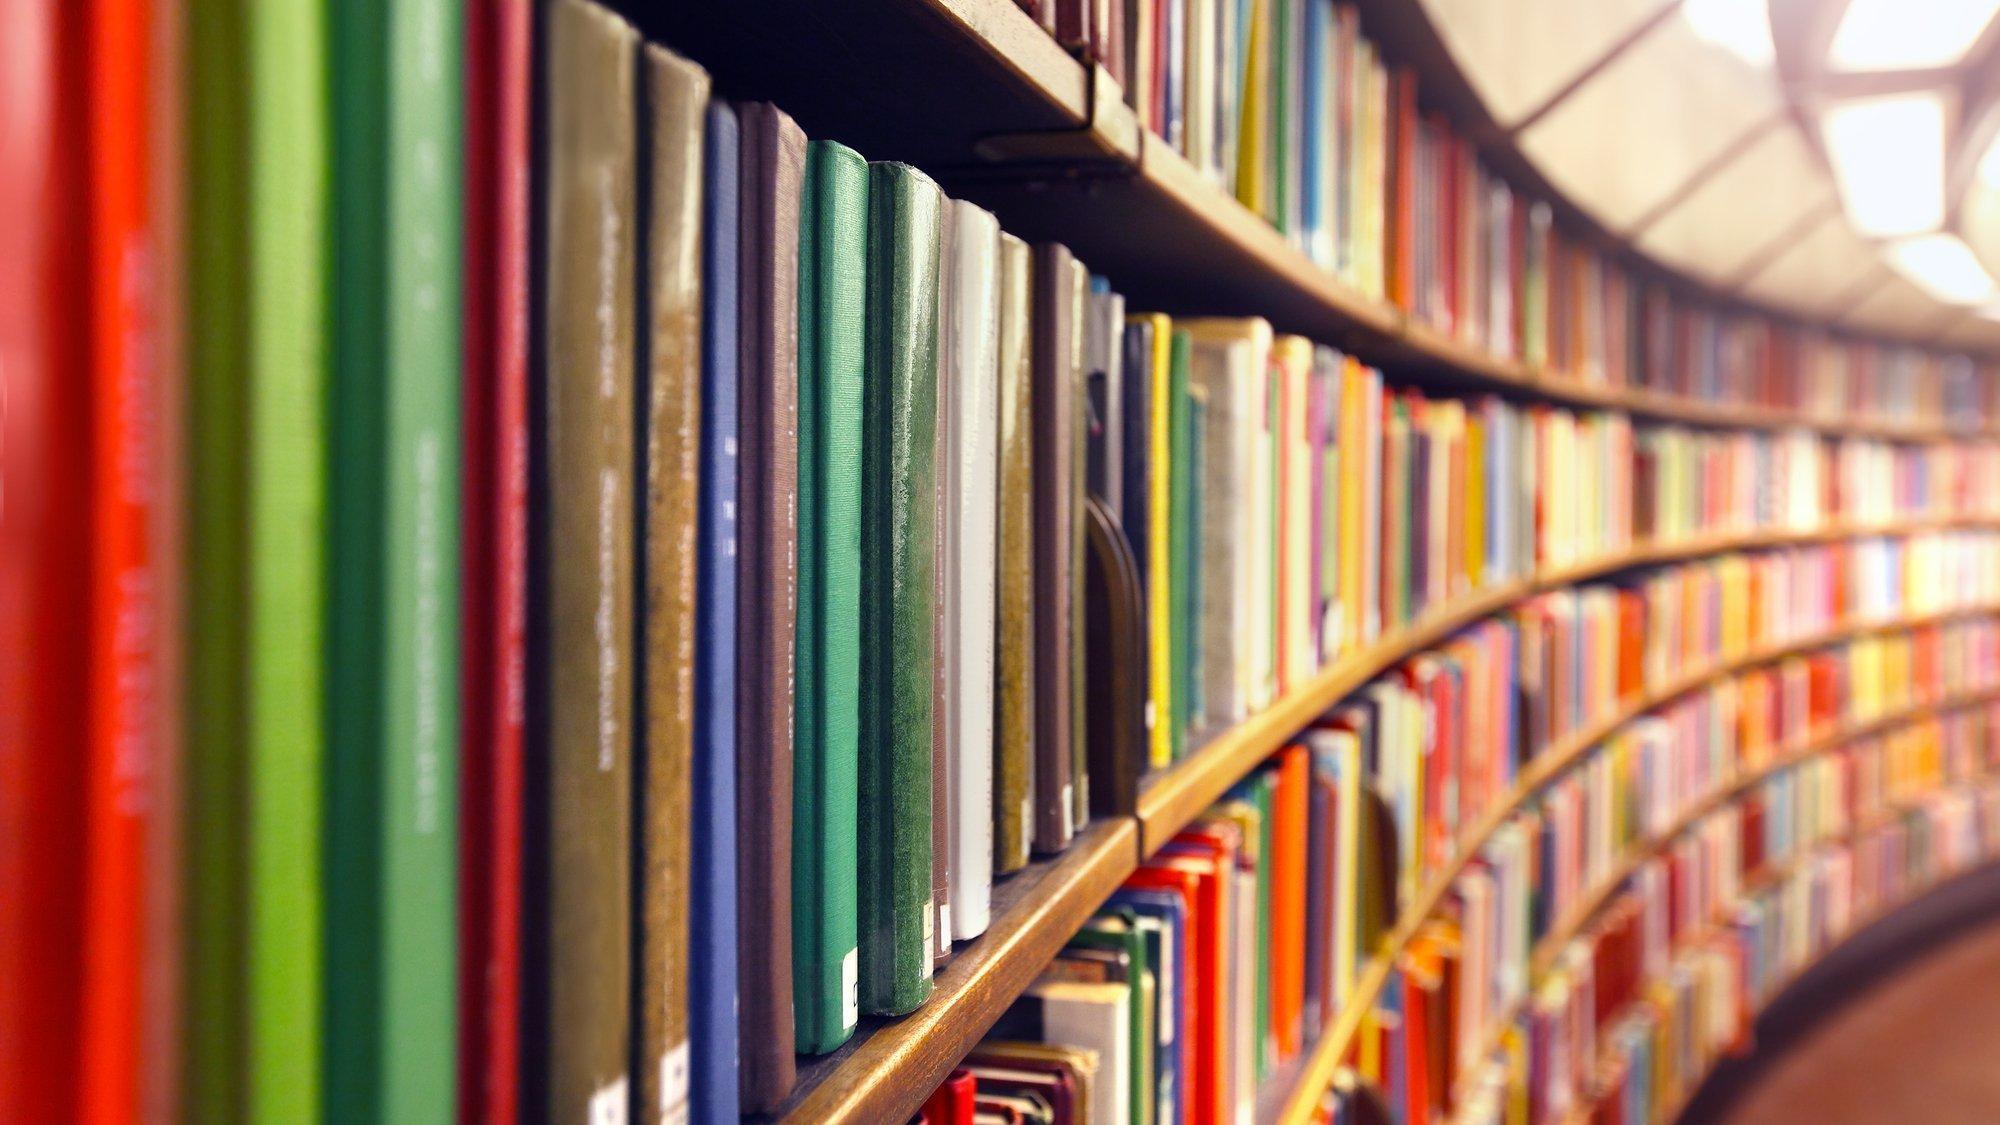 Ein rund geschwungenes Bücherregal mit bunten Büchern, die nach hinten hin unschärfer im Bild zu erkennen sind.